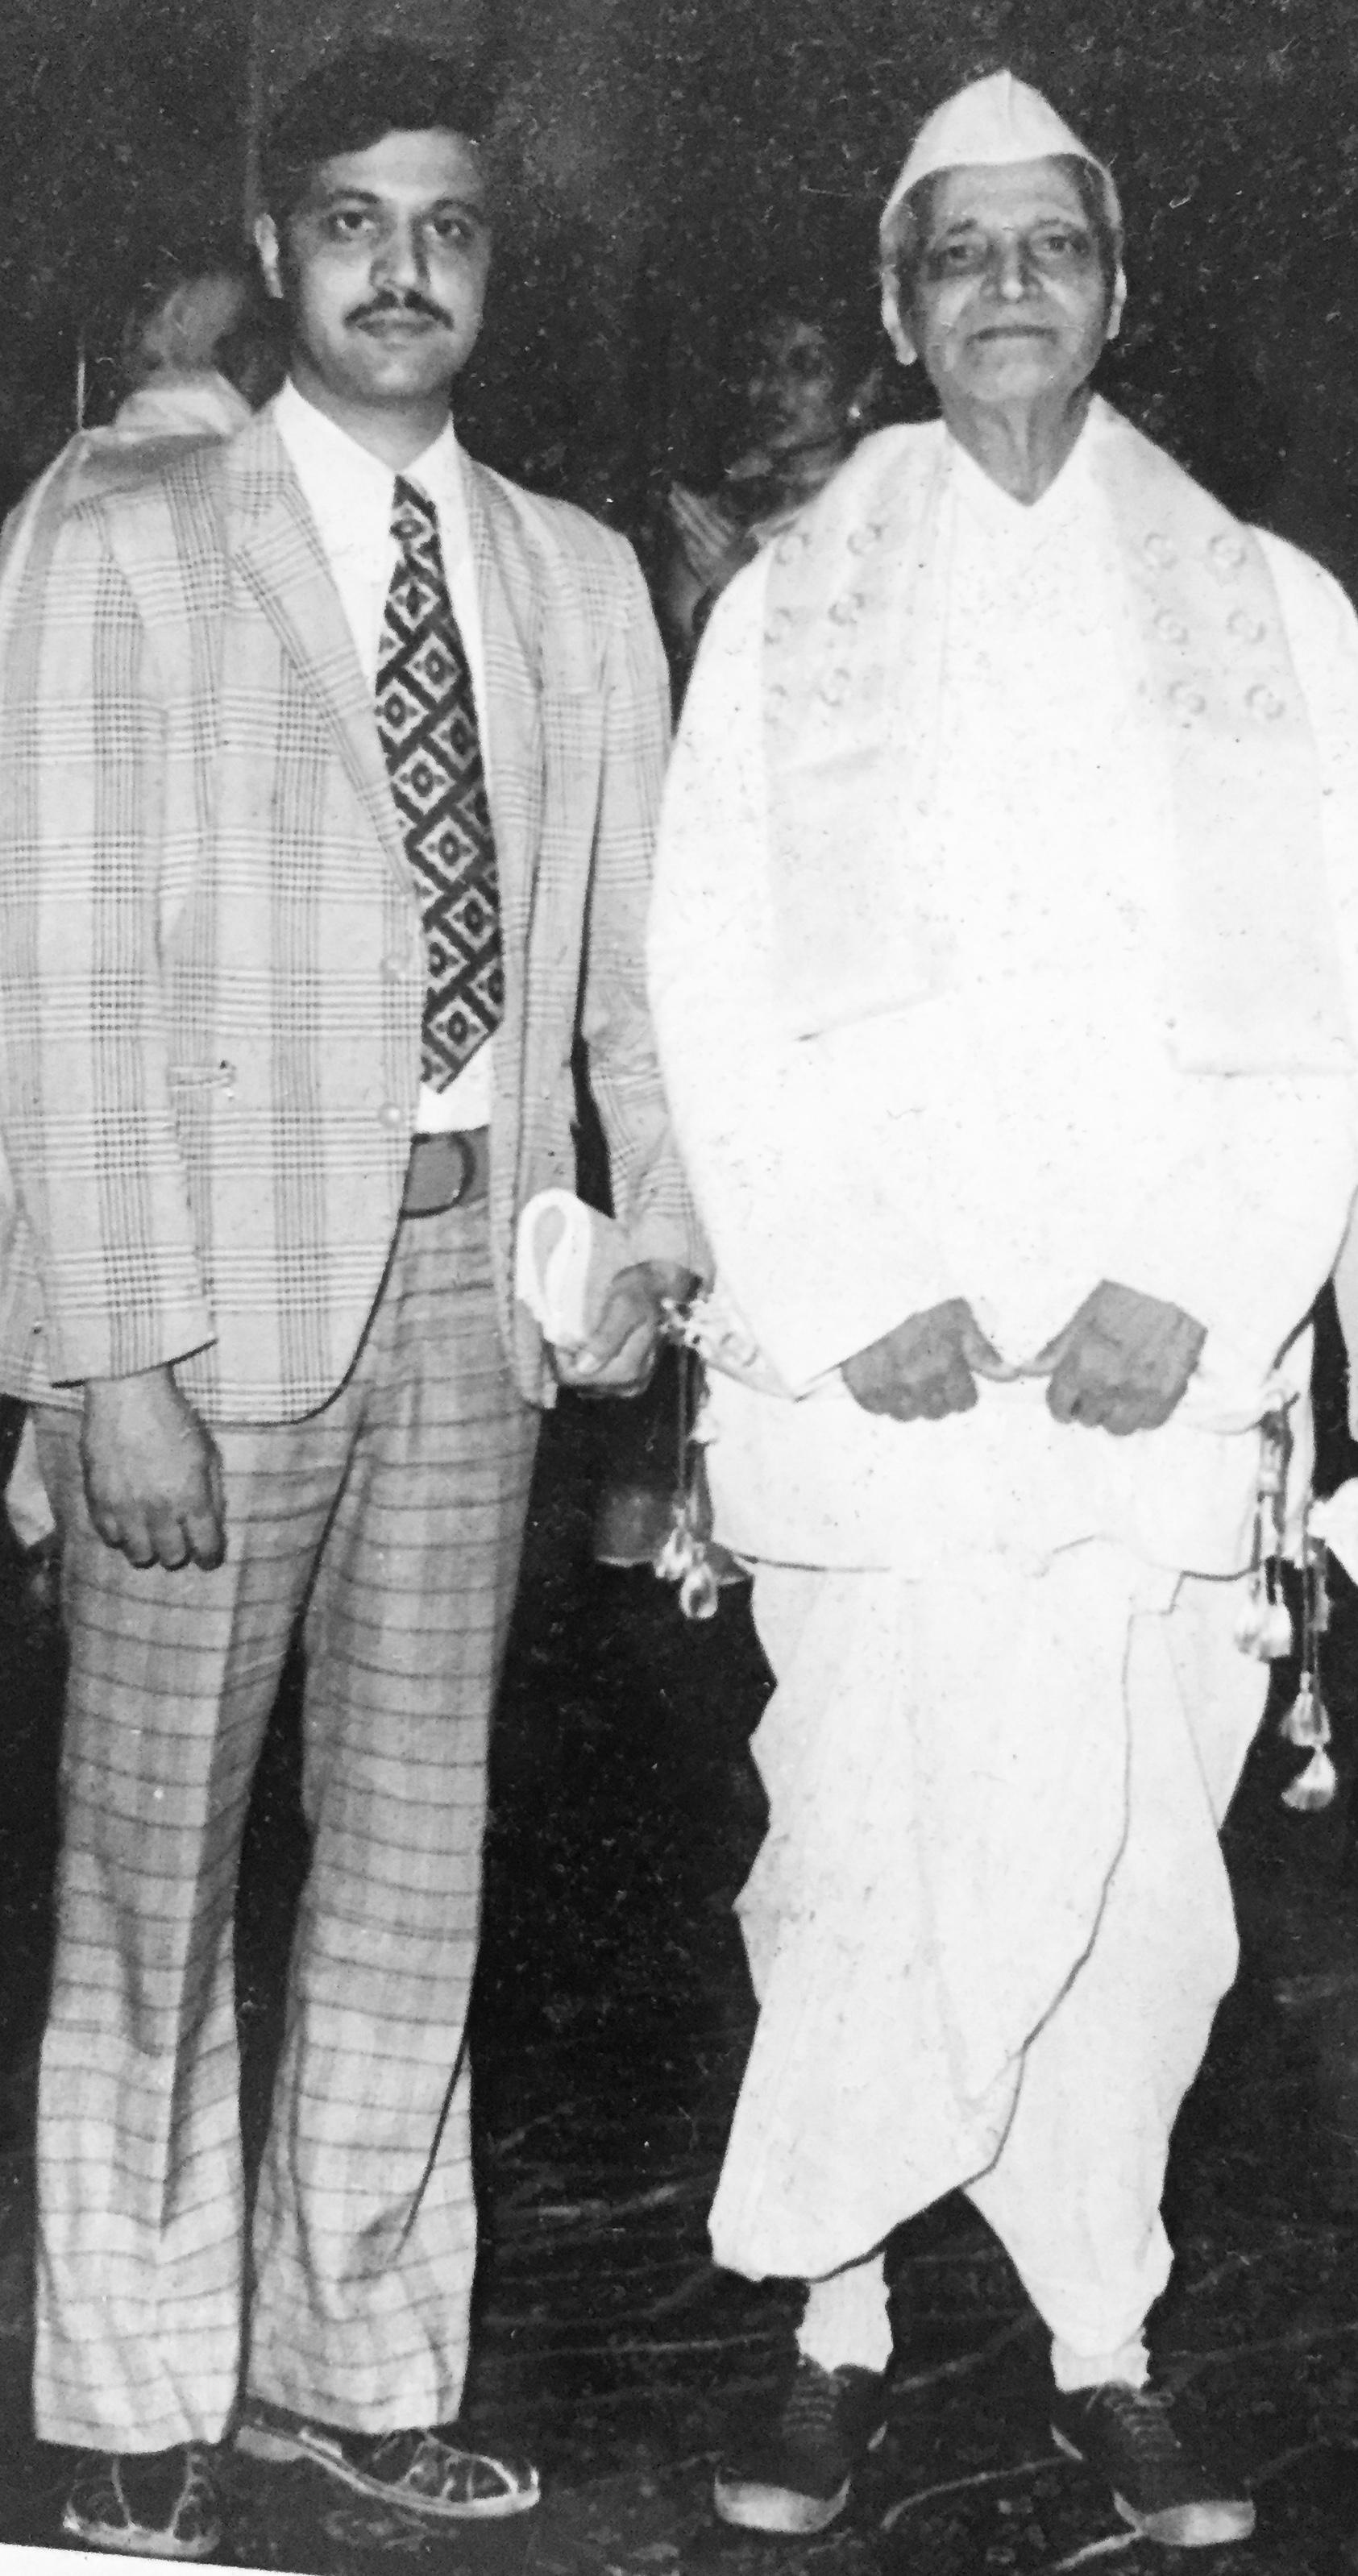 Vi Pra and Balmohan Limaye in Delhi